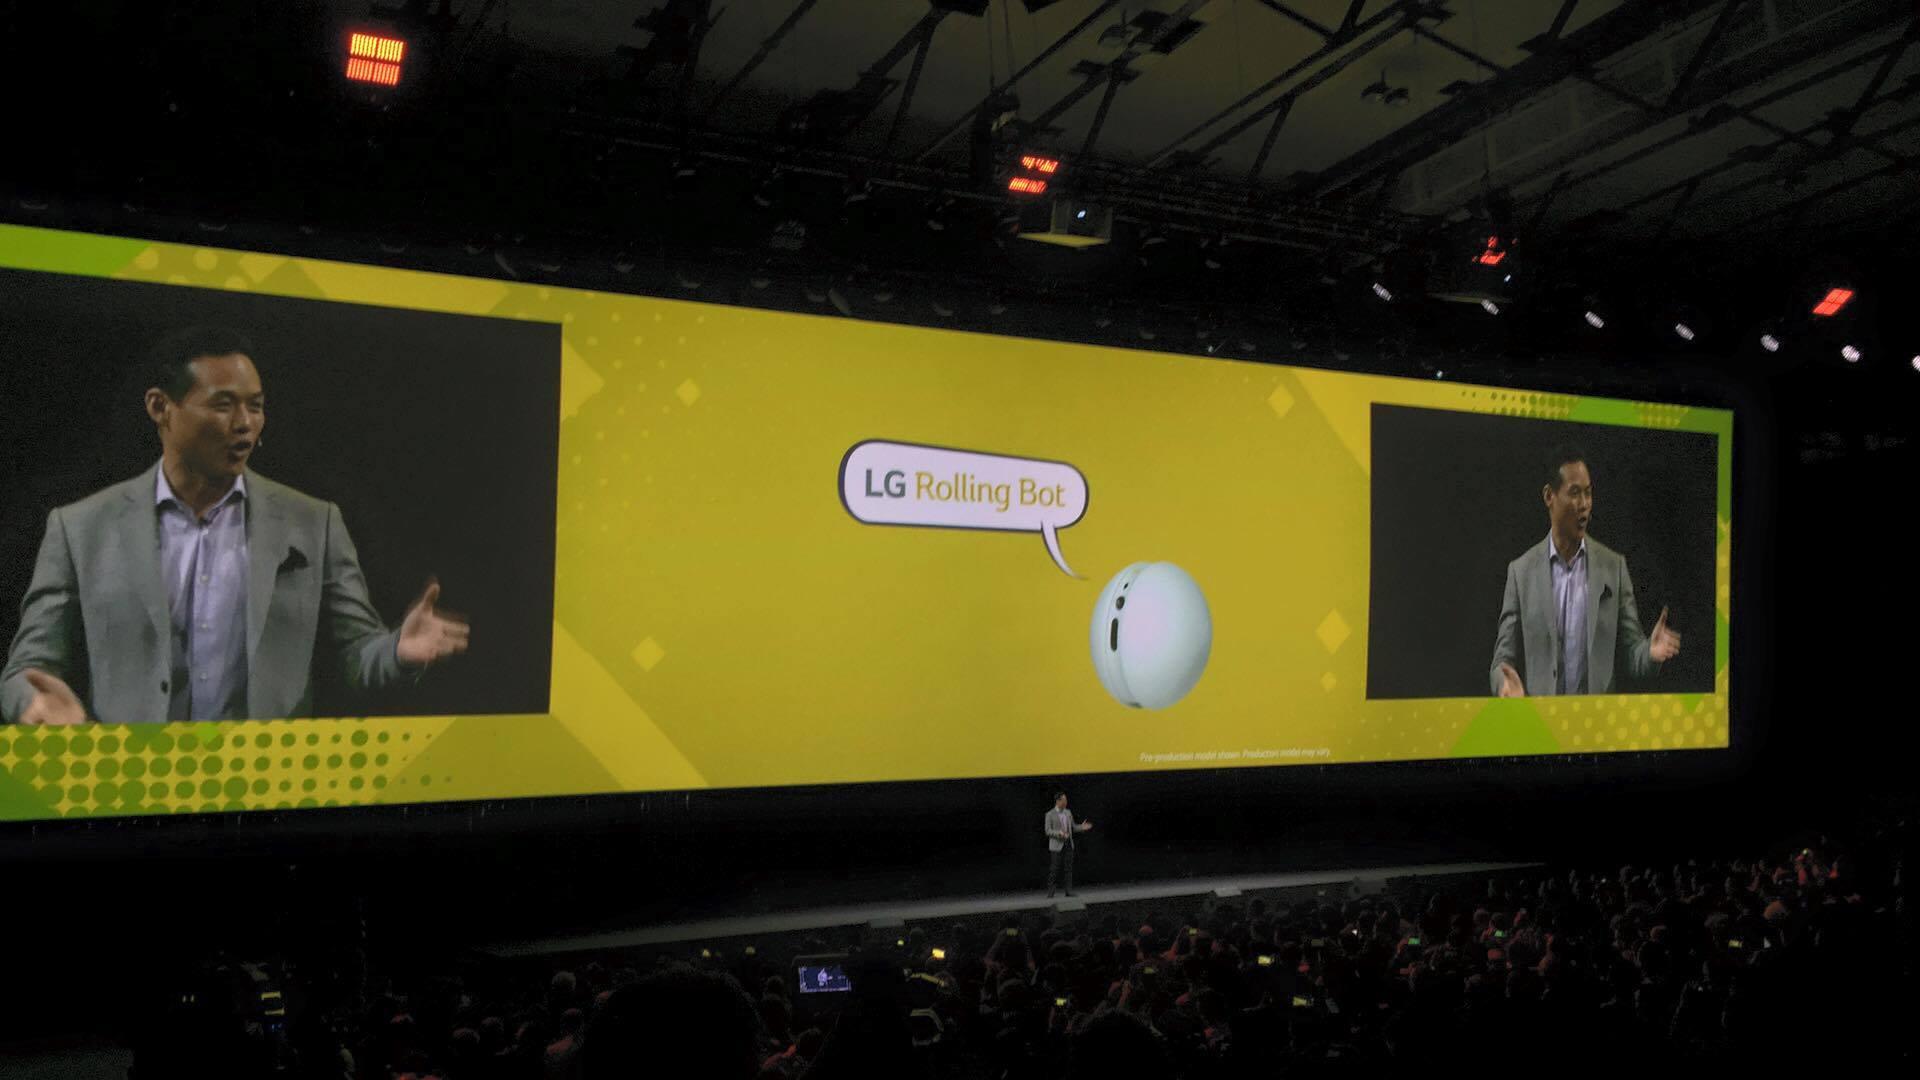 LG-G5-akilli-telefon-canli-yayin-technopat (5)